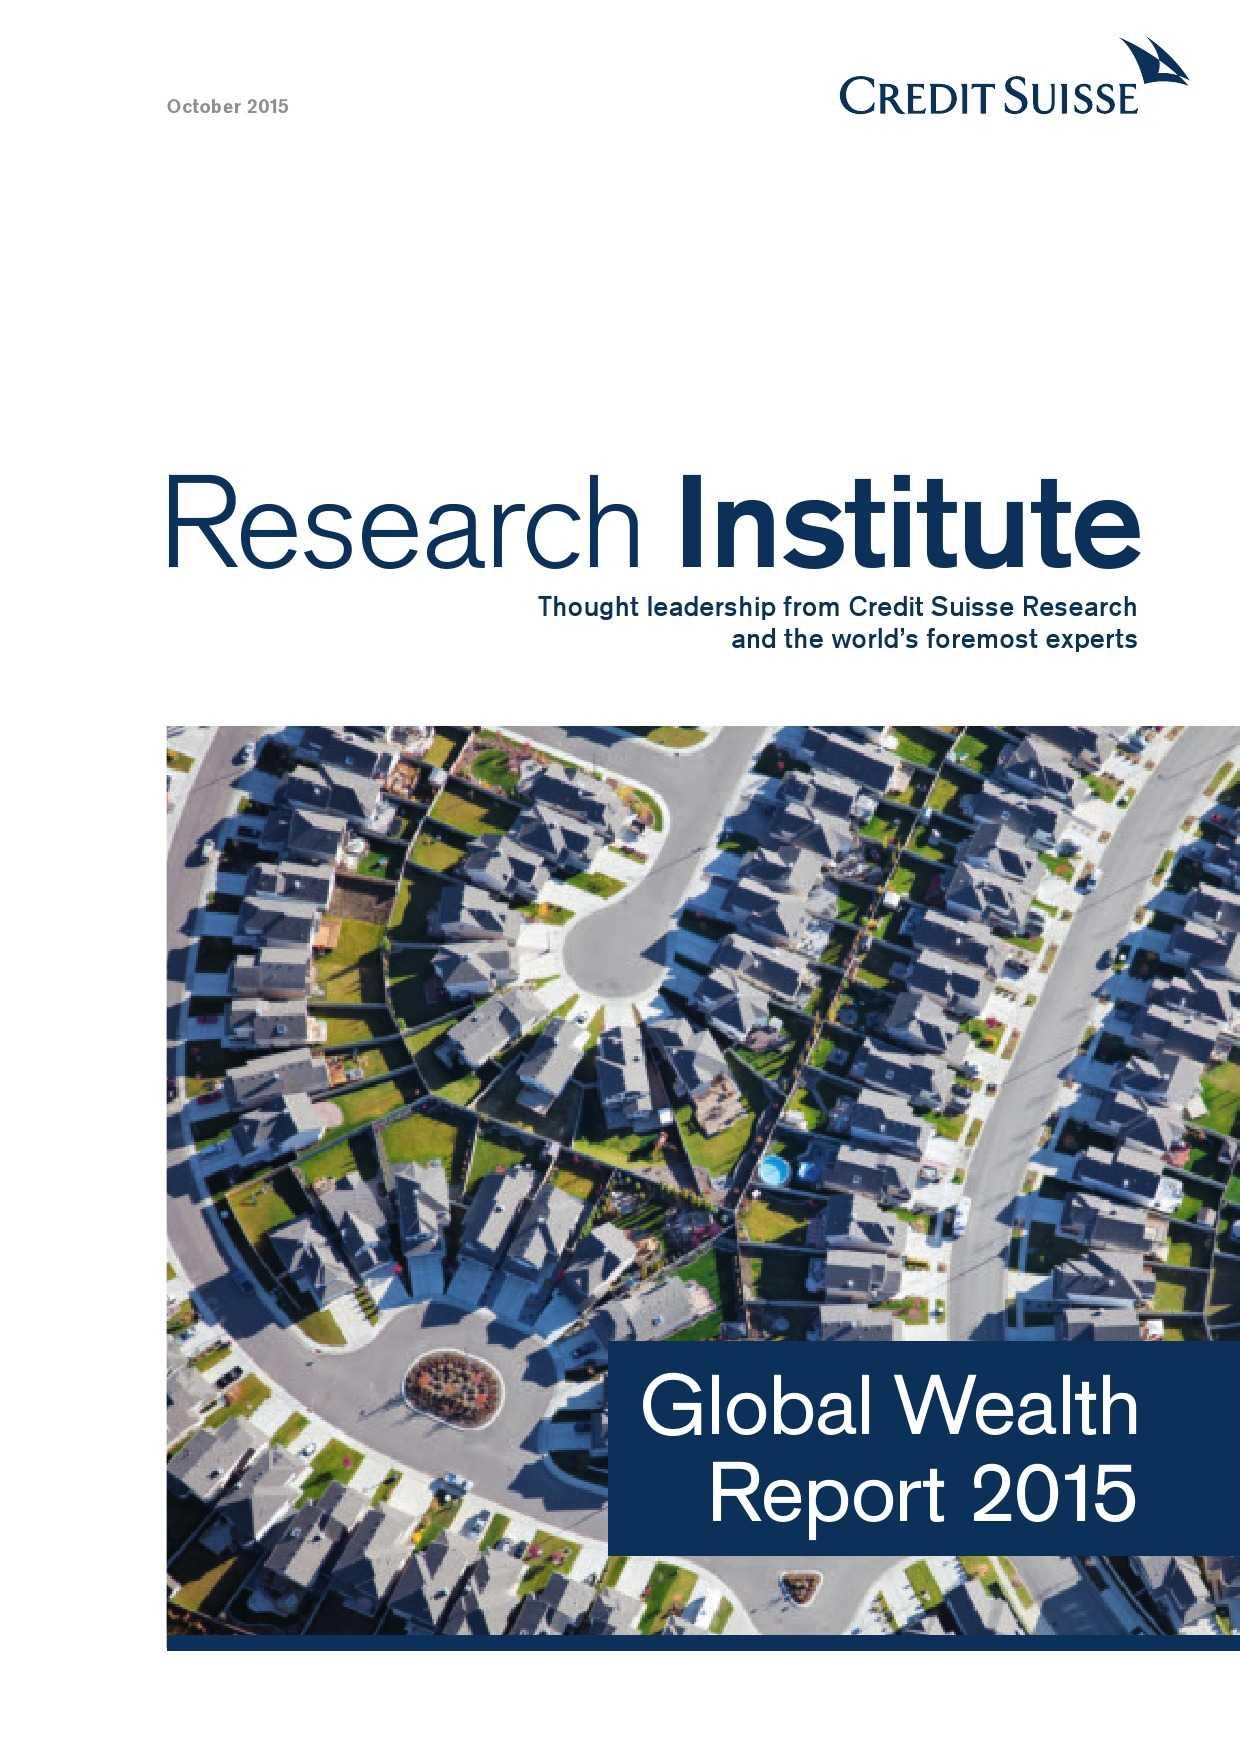 瑞士信贷:2015年全球财富报告_000001